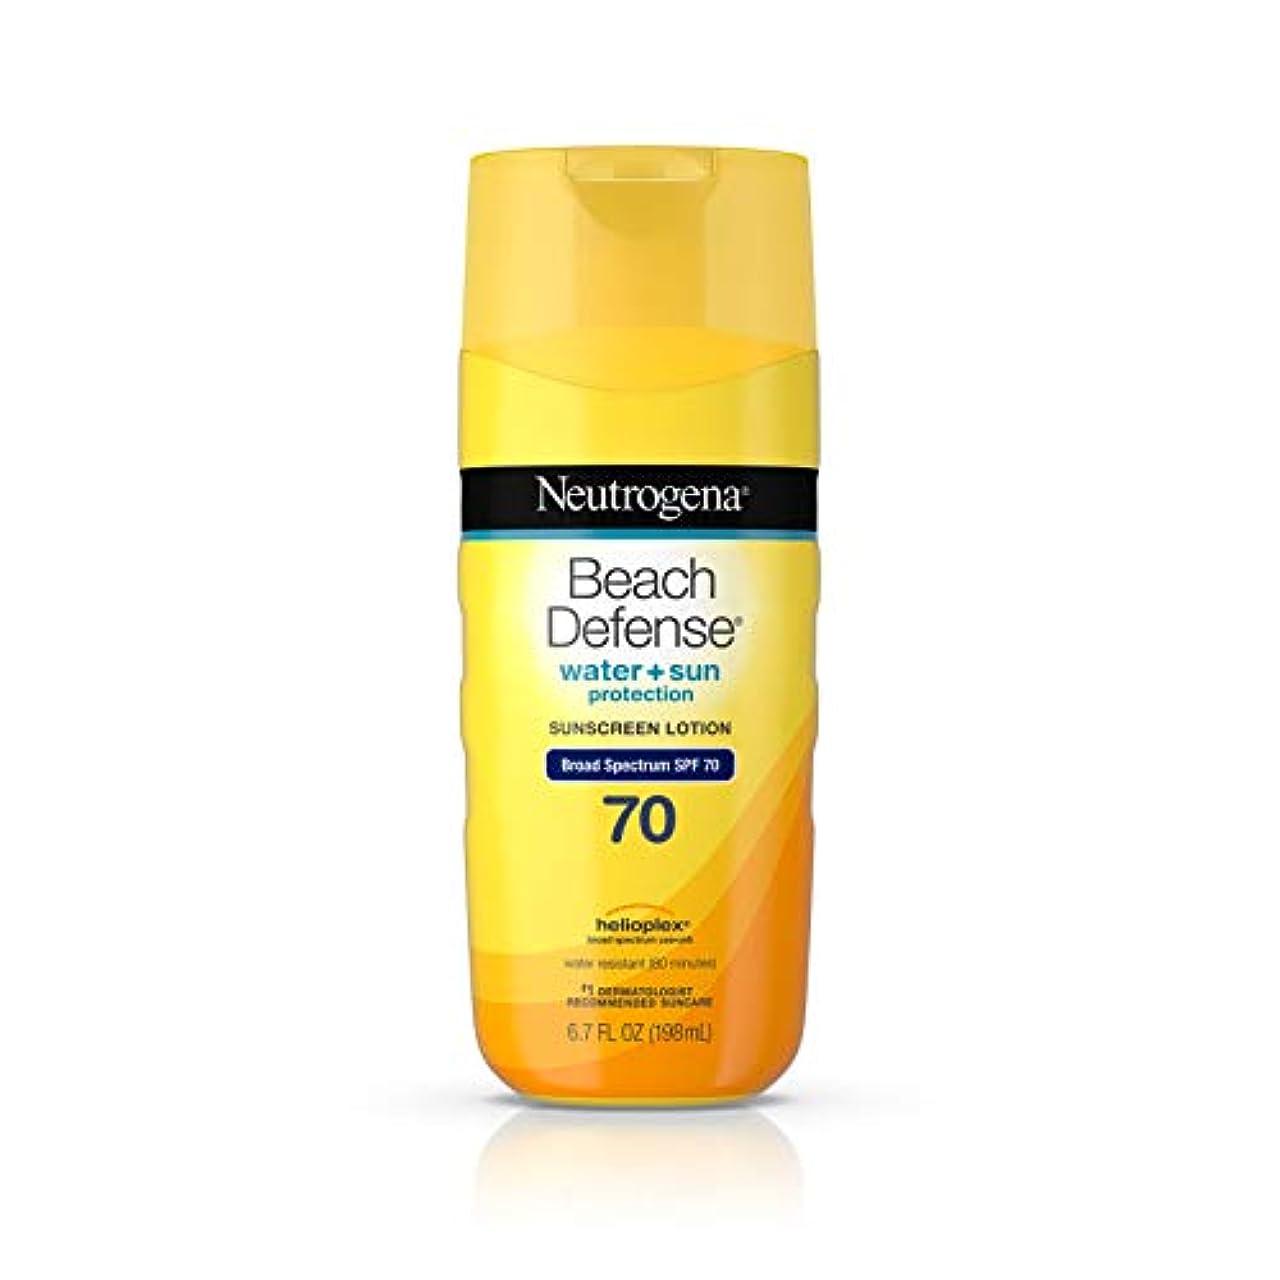 楽しませる防ぐせせらぎ海外直送品Neutrogena Neutrogena Beach Defense Lotion SPF 70, 6.7 oz